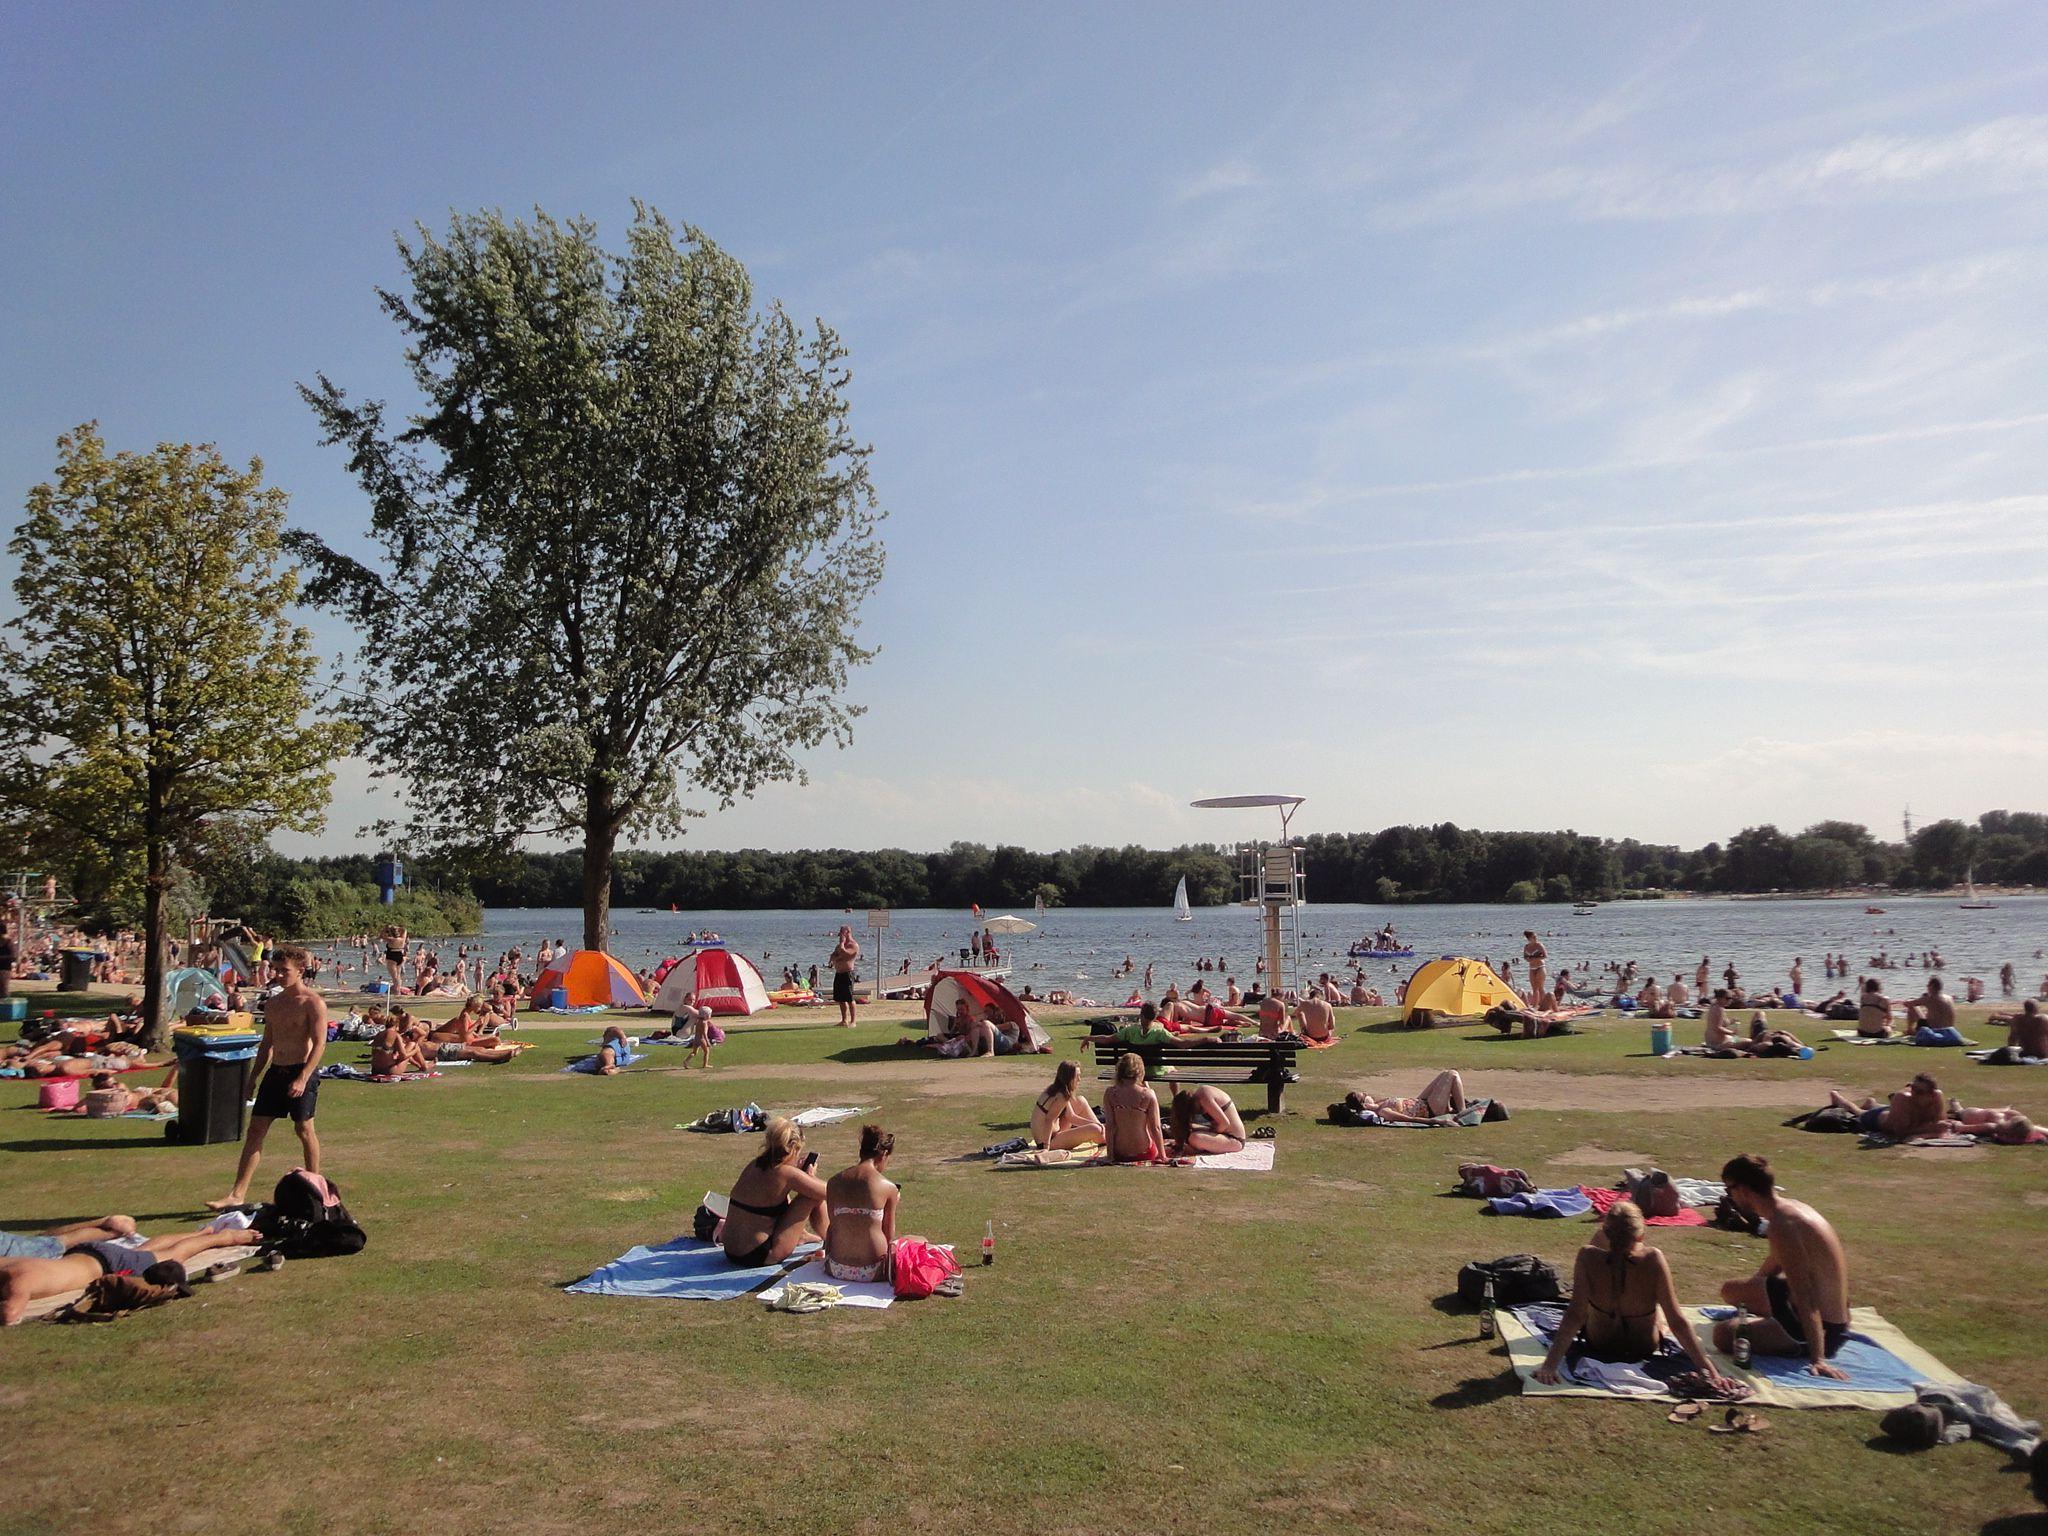 Liegewiese am Strandbad-Nord des Unterbacher Sees http://www.ausflugsziele-nrw.net/unterbacher-see/ #UnterbacherSee #Liegewiese #Duesseldorf #Badesee